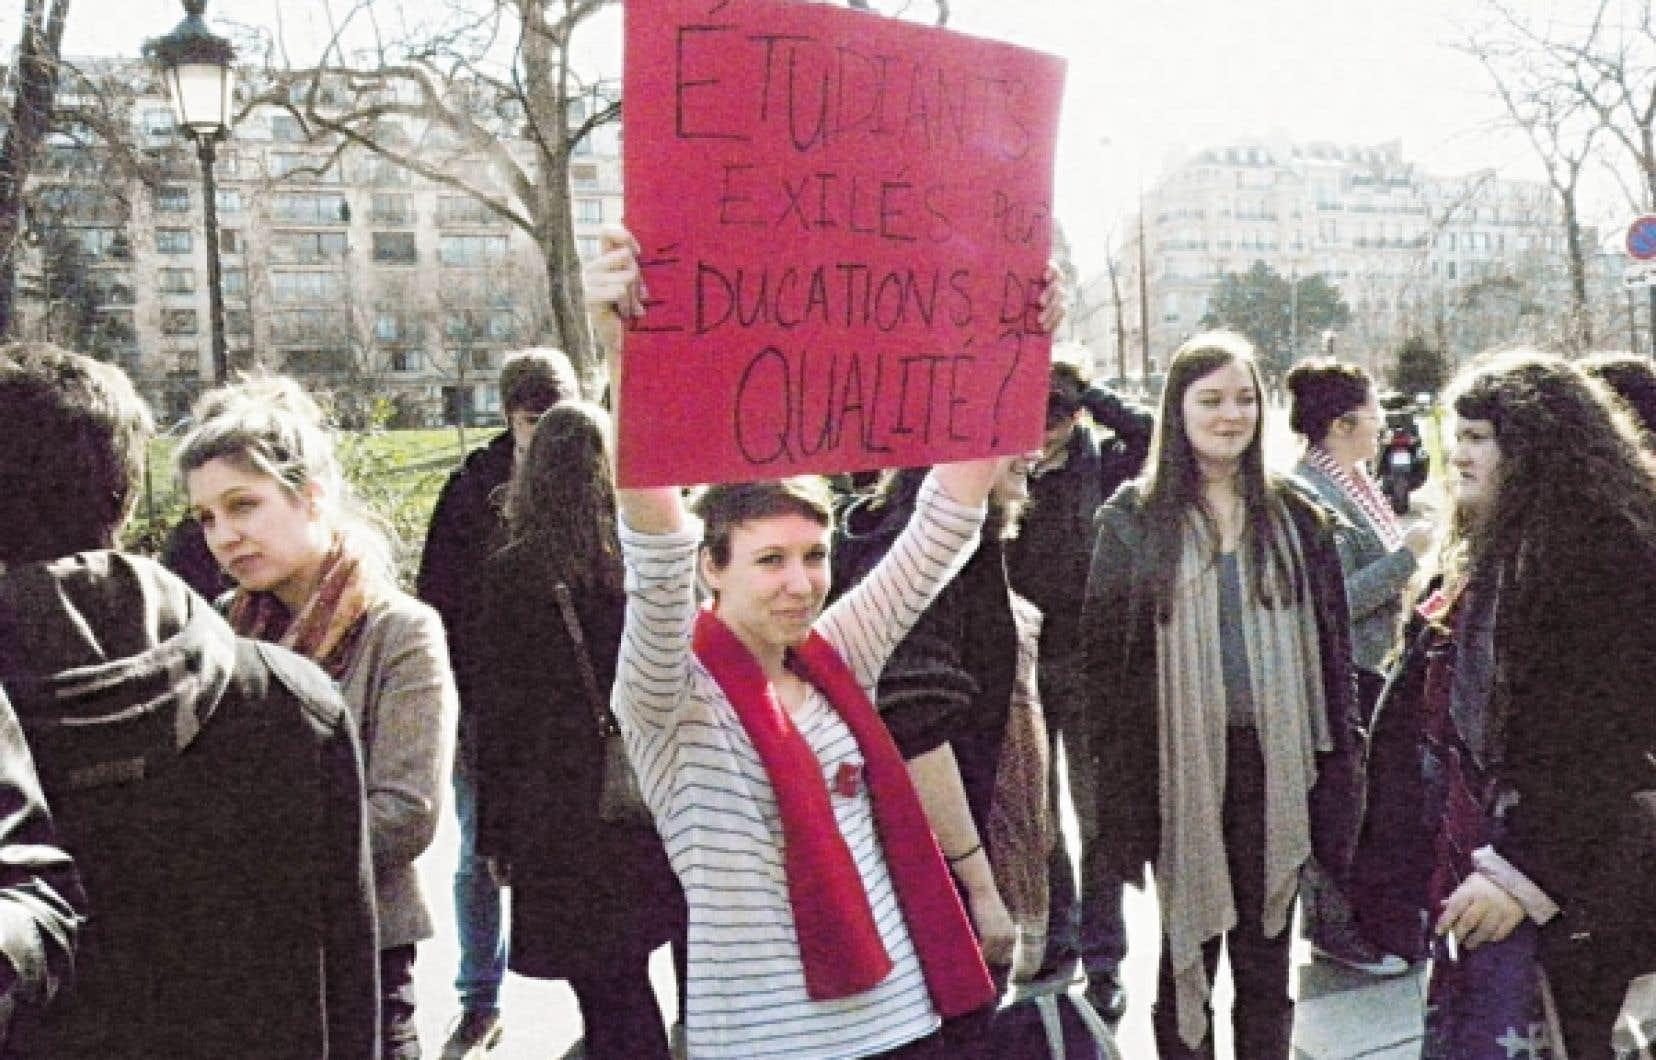 Les &eacute;tudiants qu&eacute;b&eacute;cois ont manifest&eacute; avant l&rsquo;arriv&eacute;e de Jean Charest dans la capitale fran&ccedil;aise. <br />